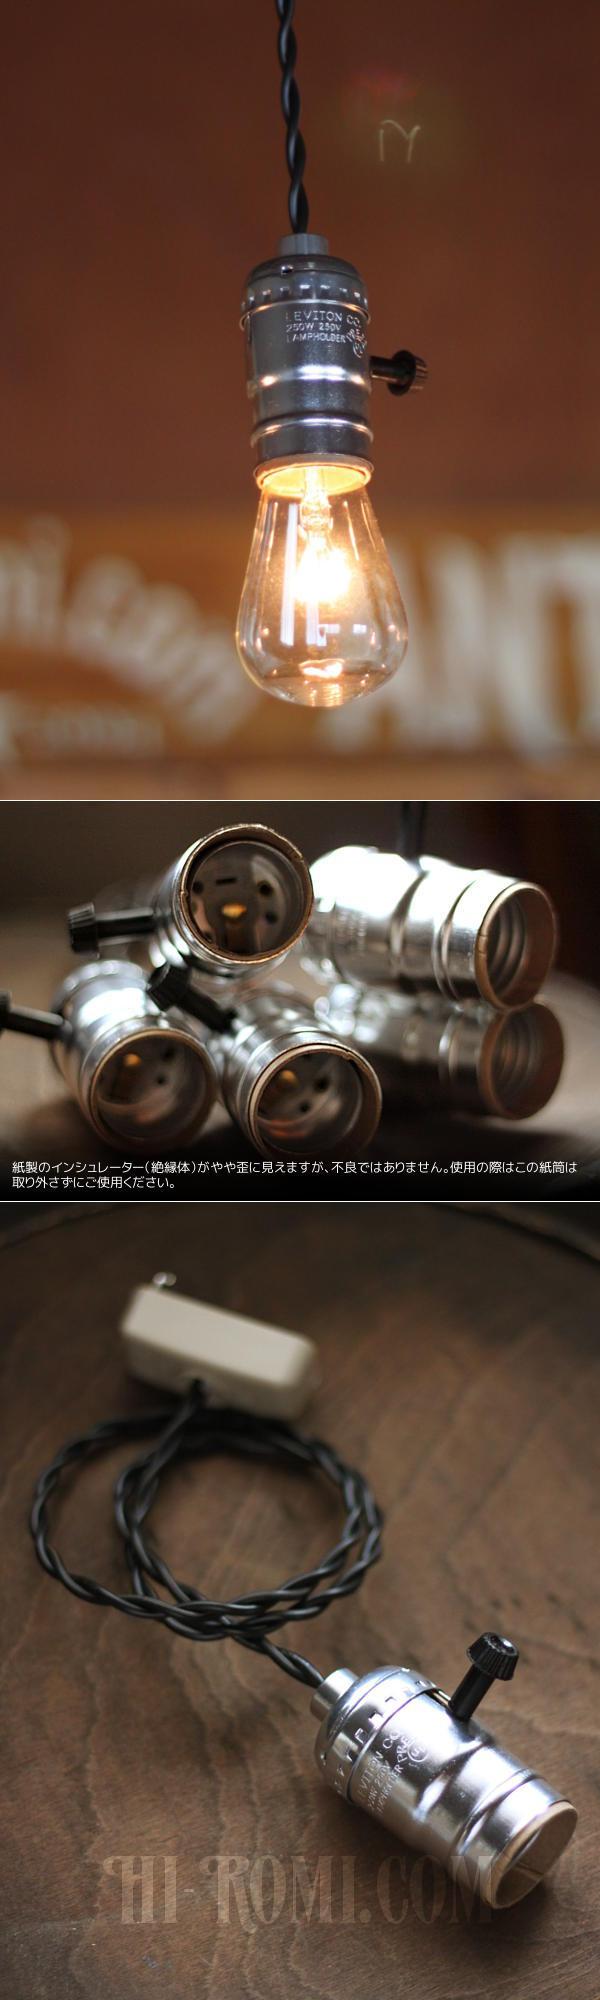 LEVITON社製ターン式アルミ製Silverソケットペンダントライト/工業系ランプ照明